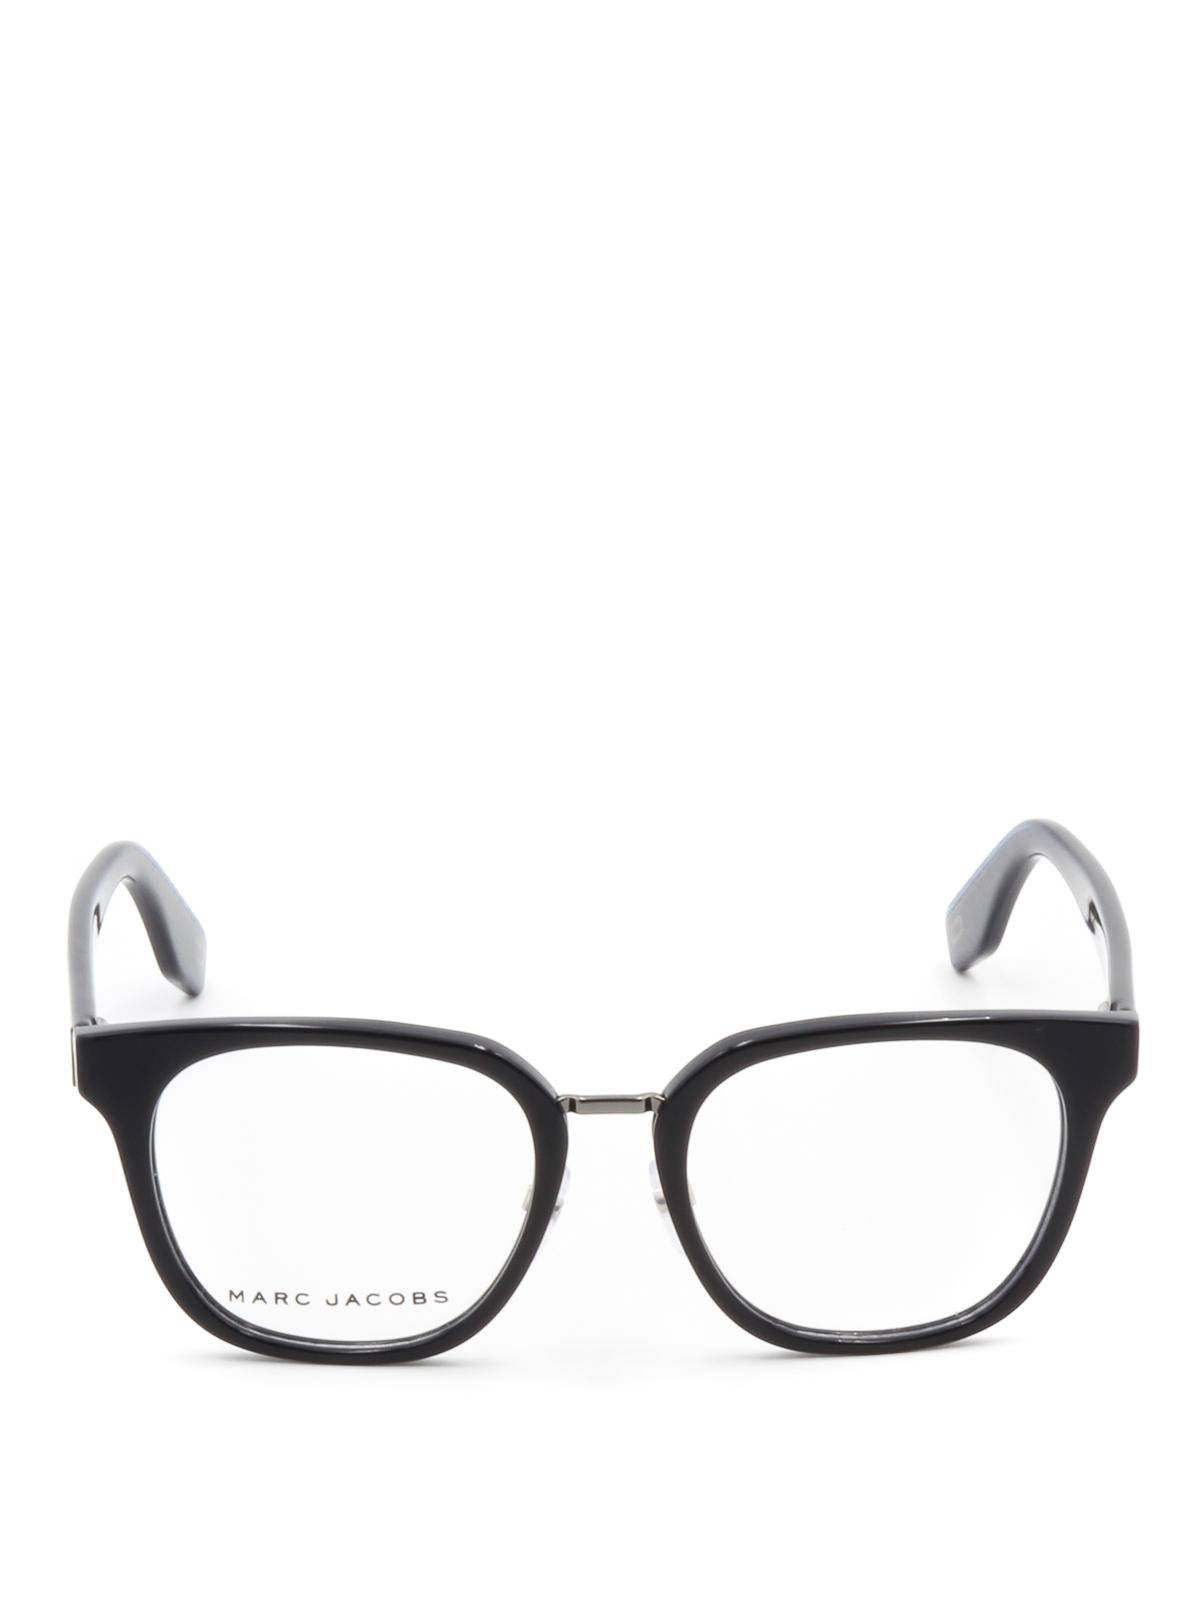 Brillen - Blau von Marc Jacobs - Brillen   iKRIX